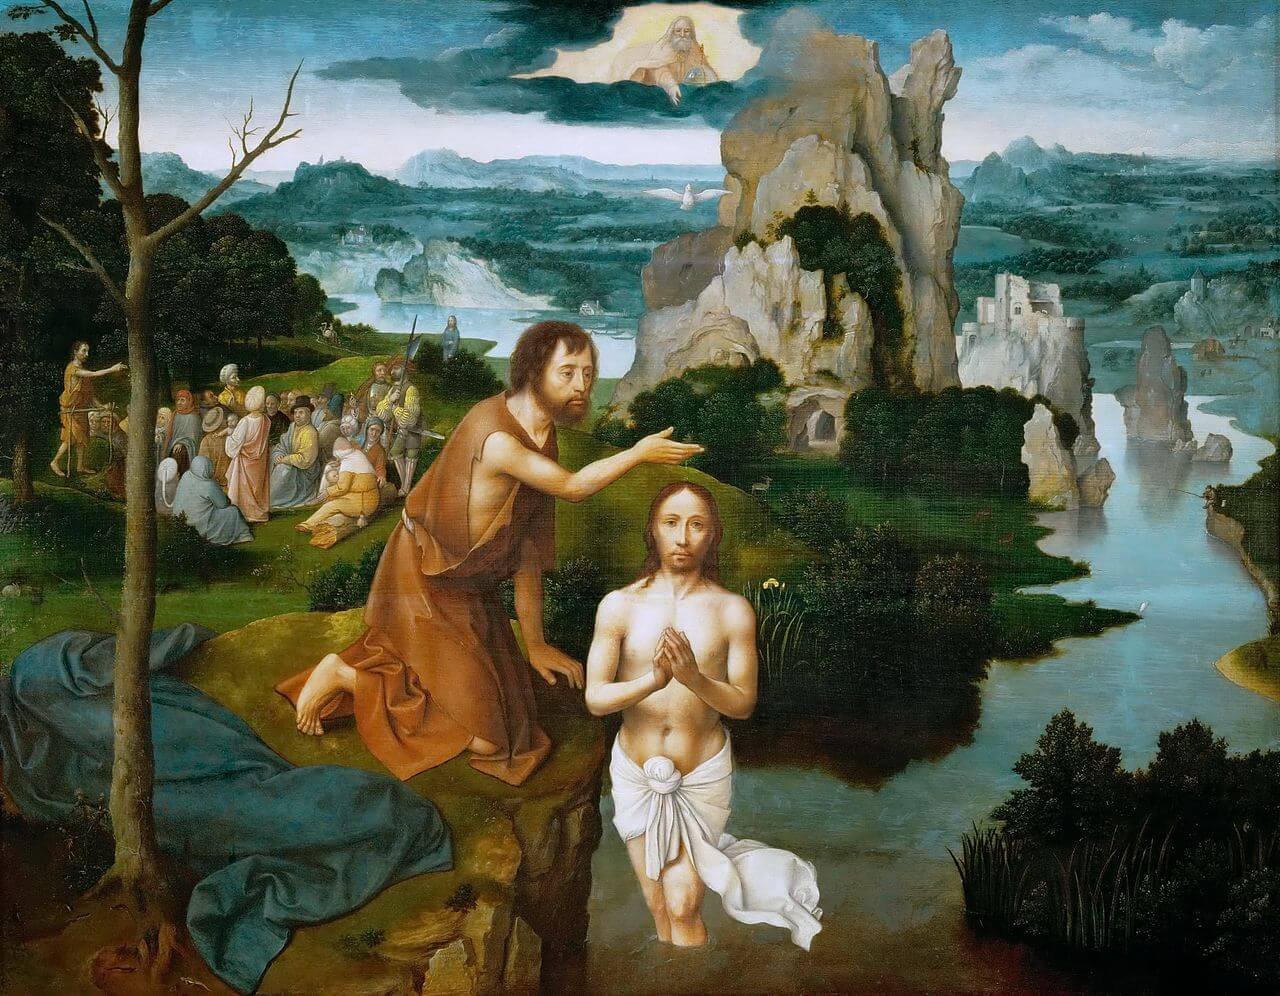 Jesus wird von Joh getauft. Der Hillem öffnet sich. Der Heilig Geist kommt als Taube auf Jesus herab.